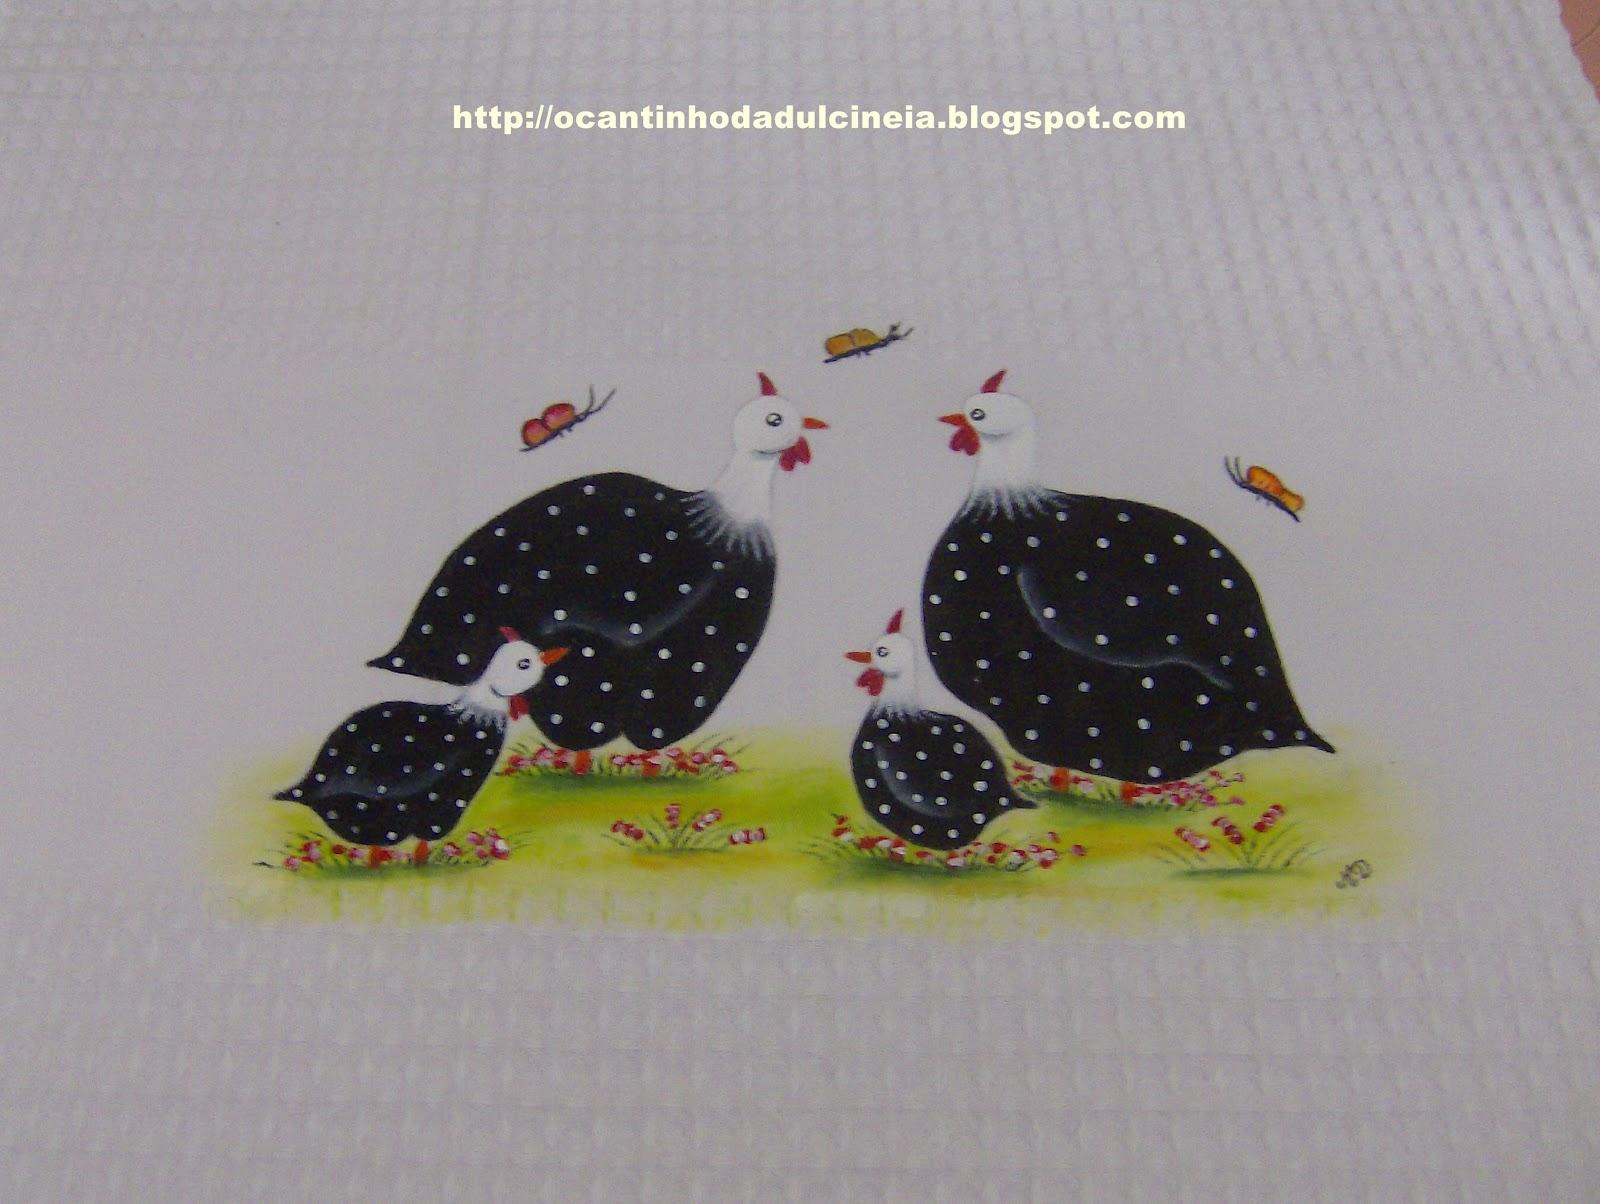 Pintura em tecido no cantinho da Dulcineia